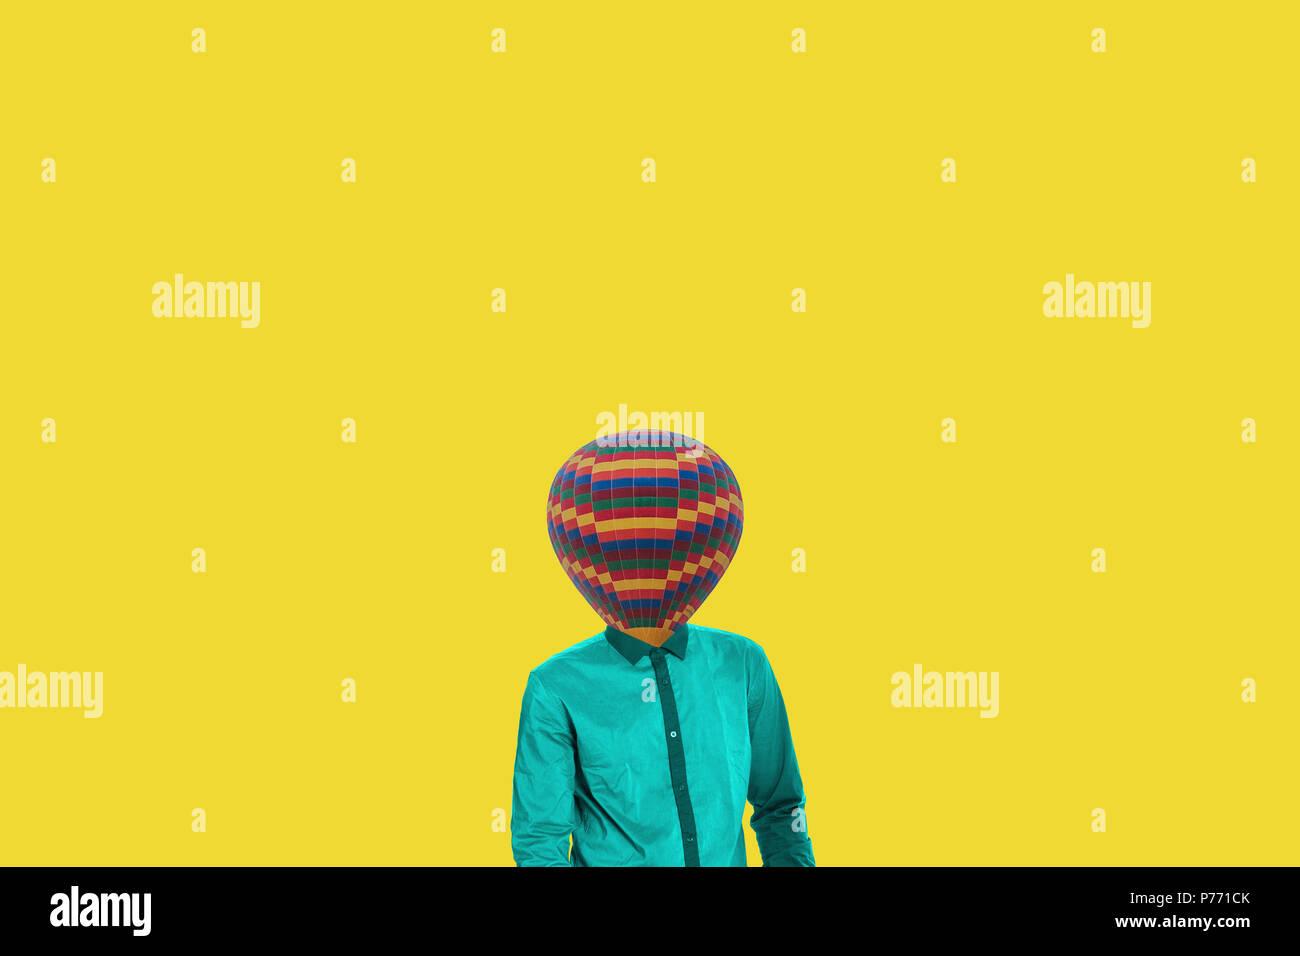 Surrealista concetto minimale. Un palloncino invece di una testa umana. Minimalismo e surrealismo Immagini Stock